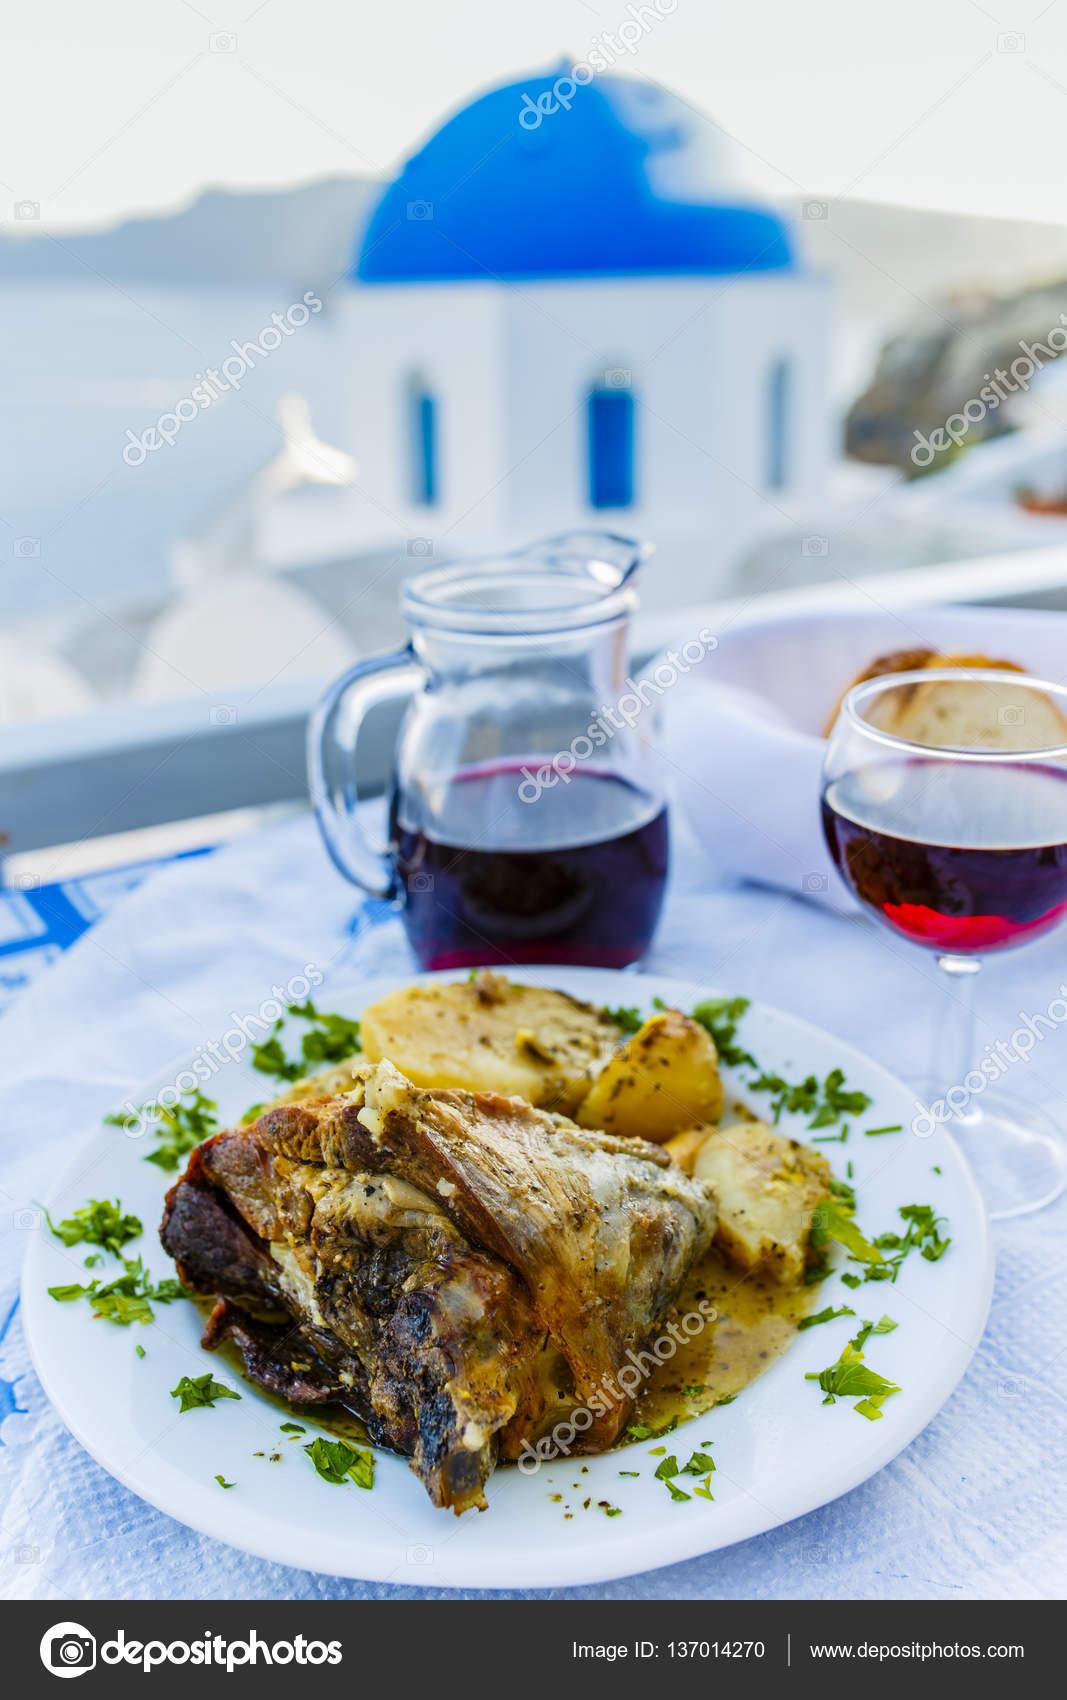 La cuisine grecque et vin rouge maison photographie gorilla 137014270 - Cuisine grecque traditionnelle ...